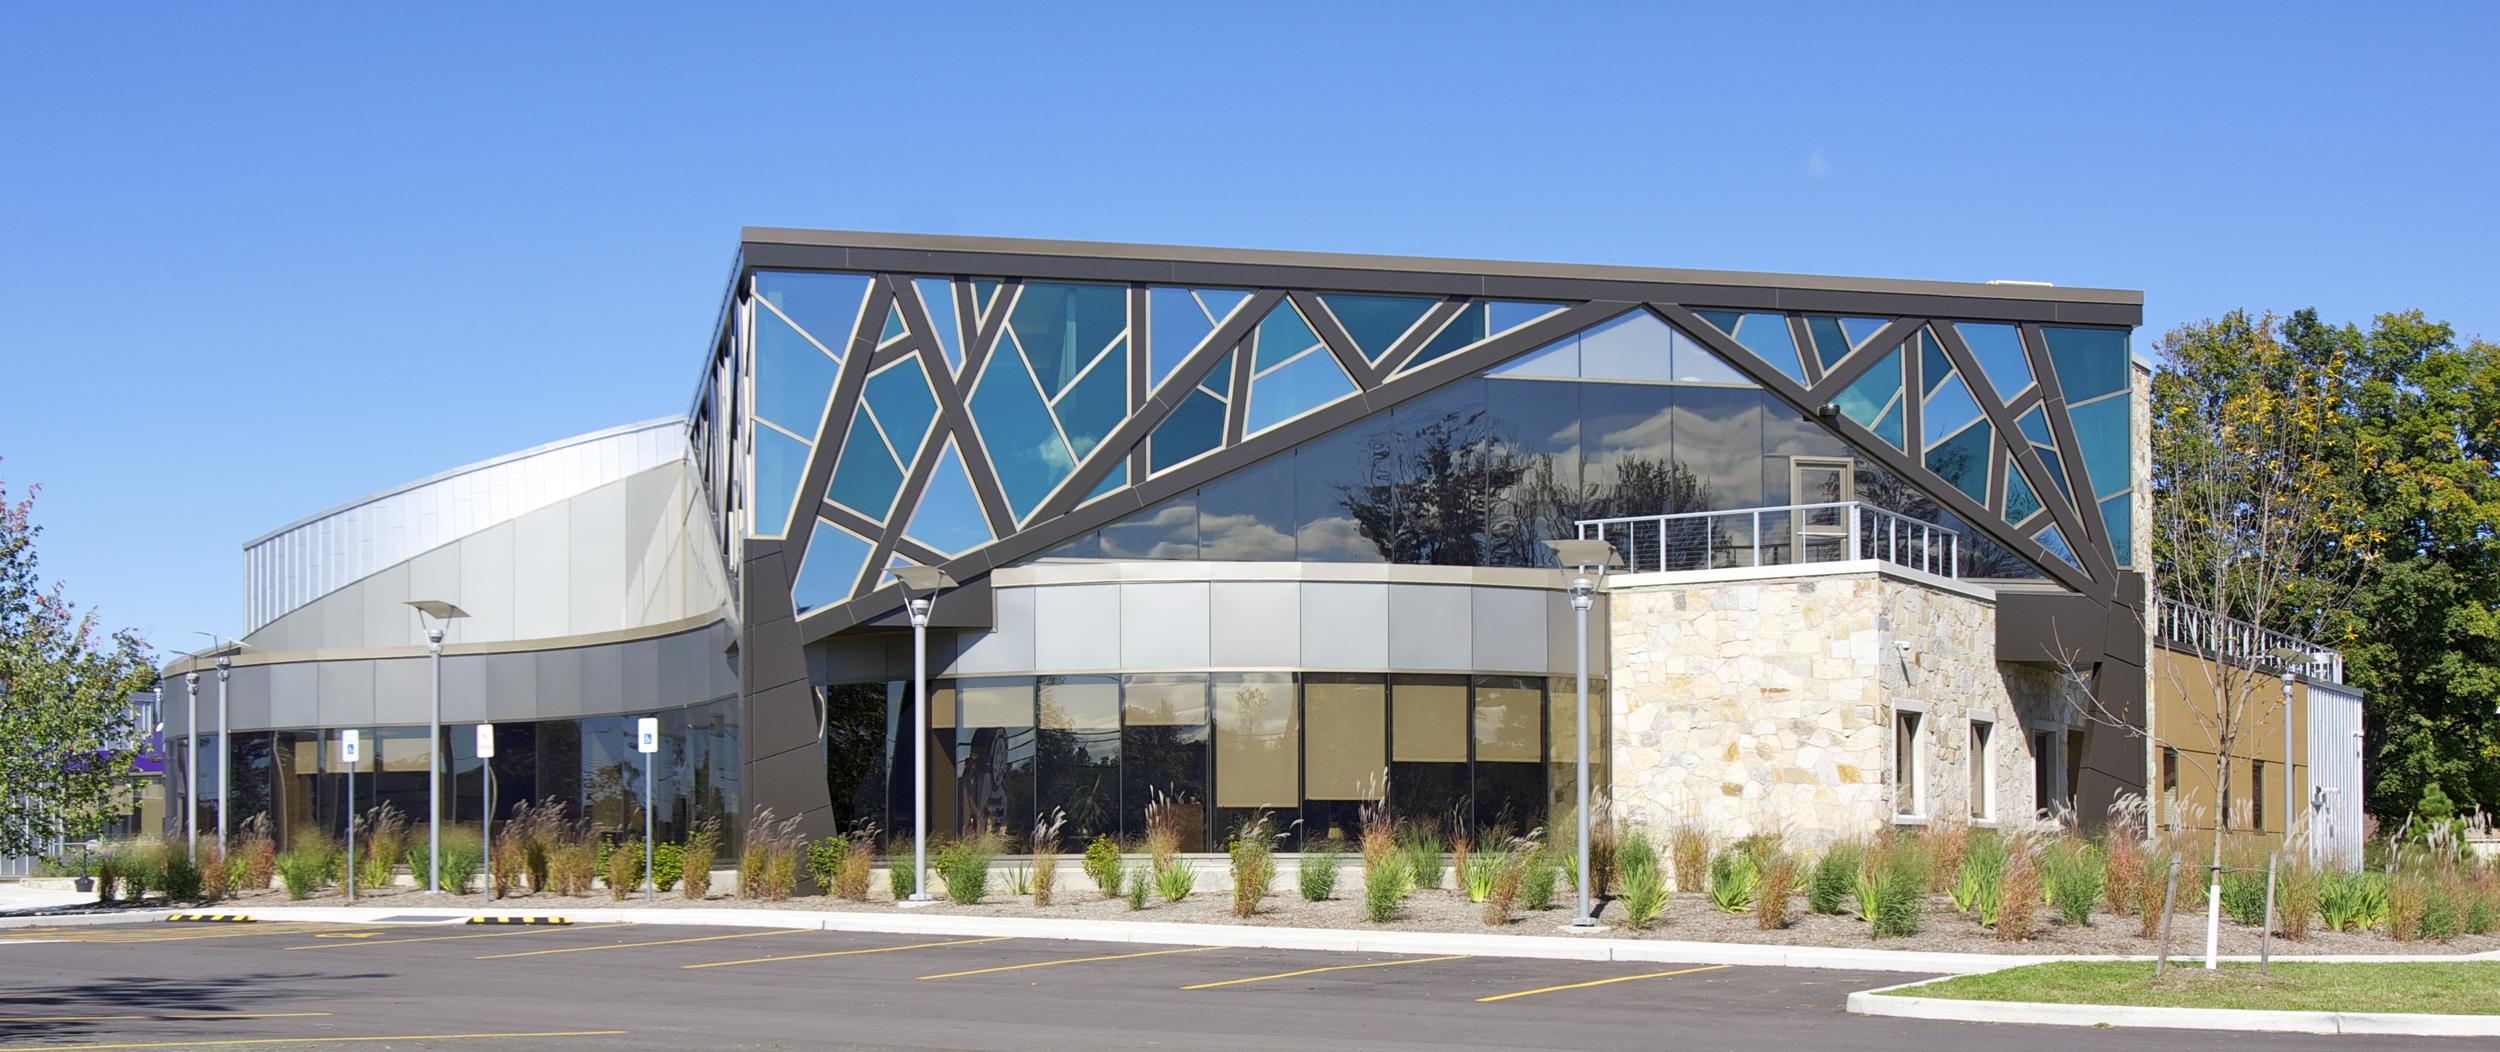 William Seneca Building